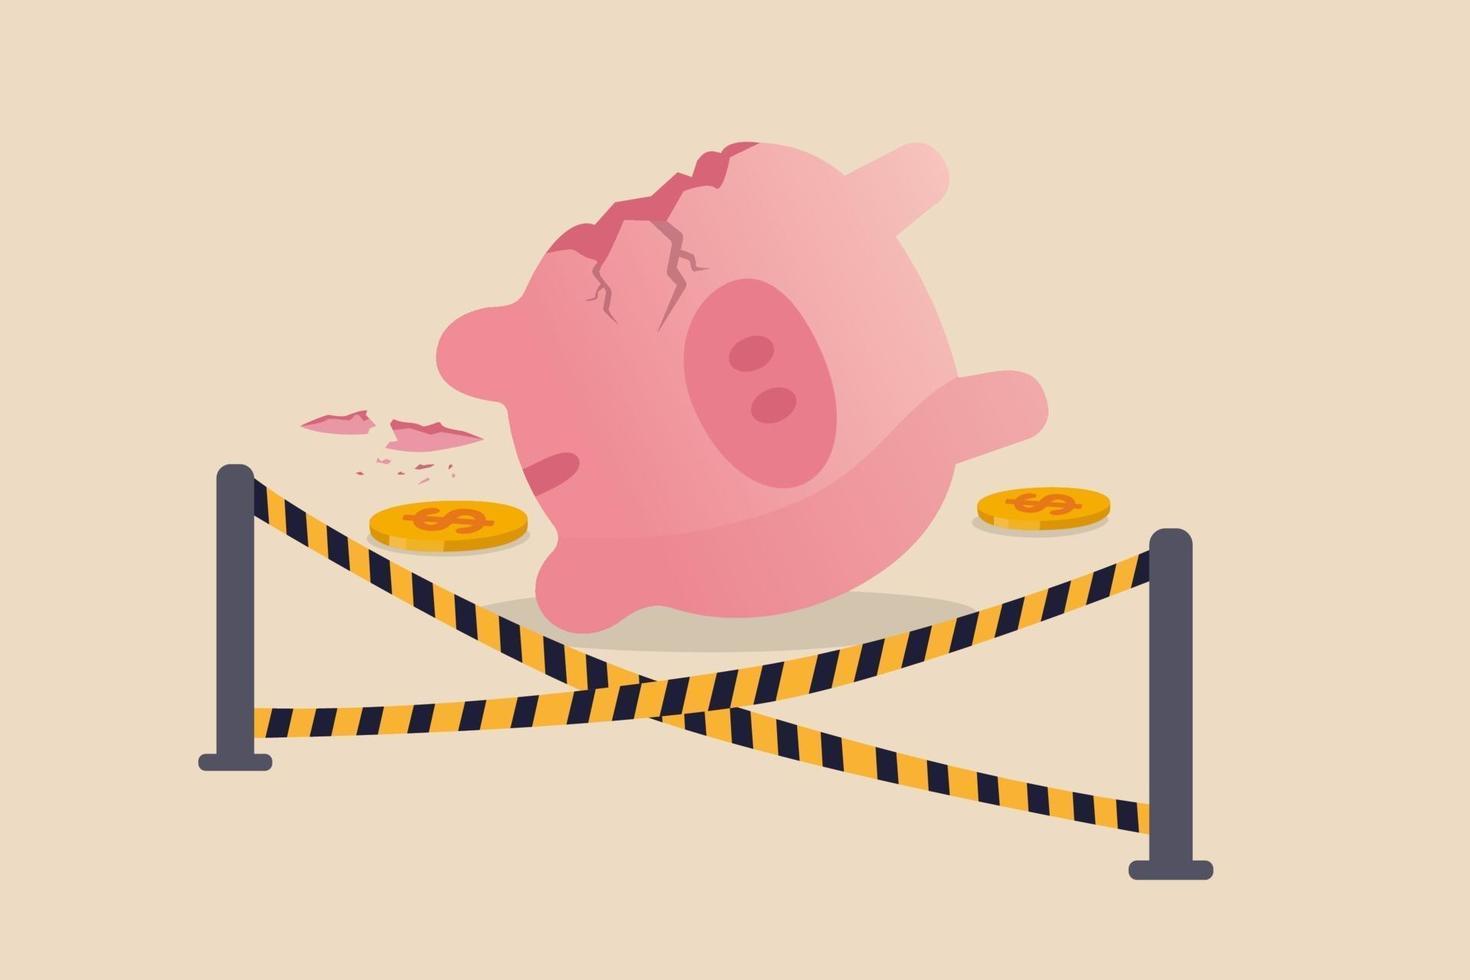 erreur financière excessive, argent perdu dans l'investissement ou krach boursier provoquant la faillite dans le concept de crise économique, tirelire rose cassée et argent volé avec du ruban jaune de scène de crime. vecteur